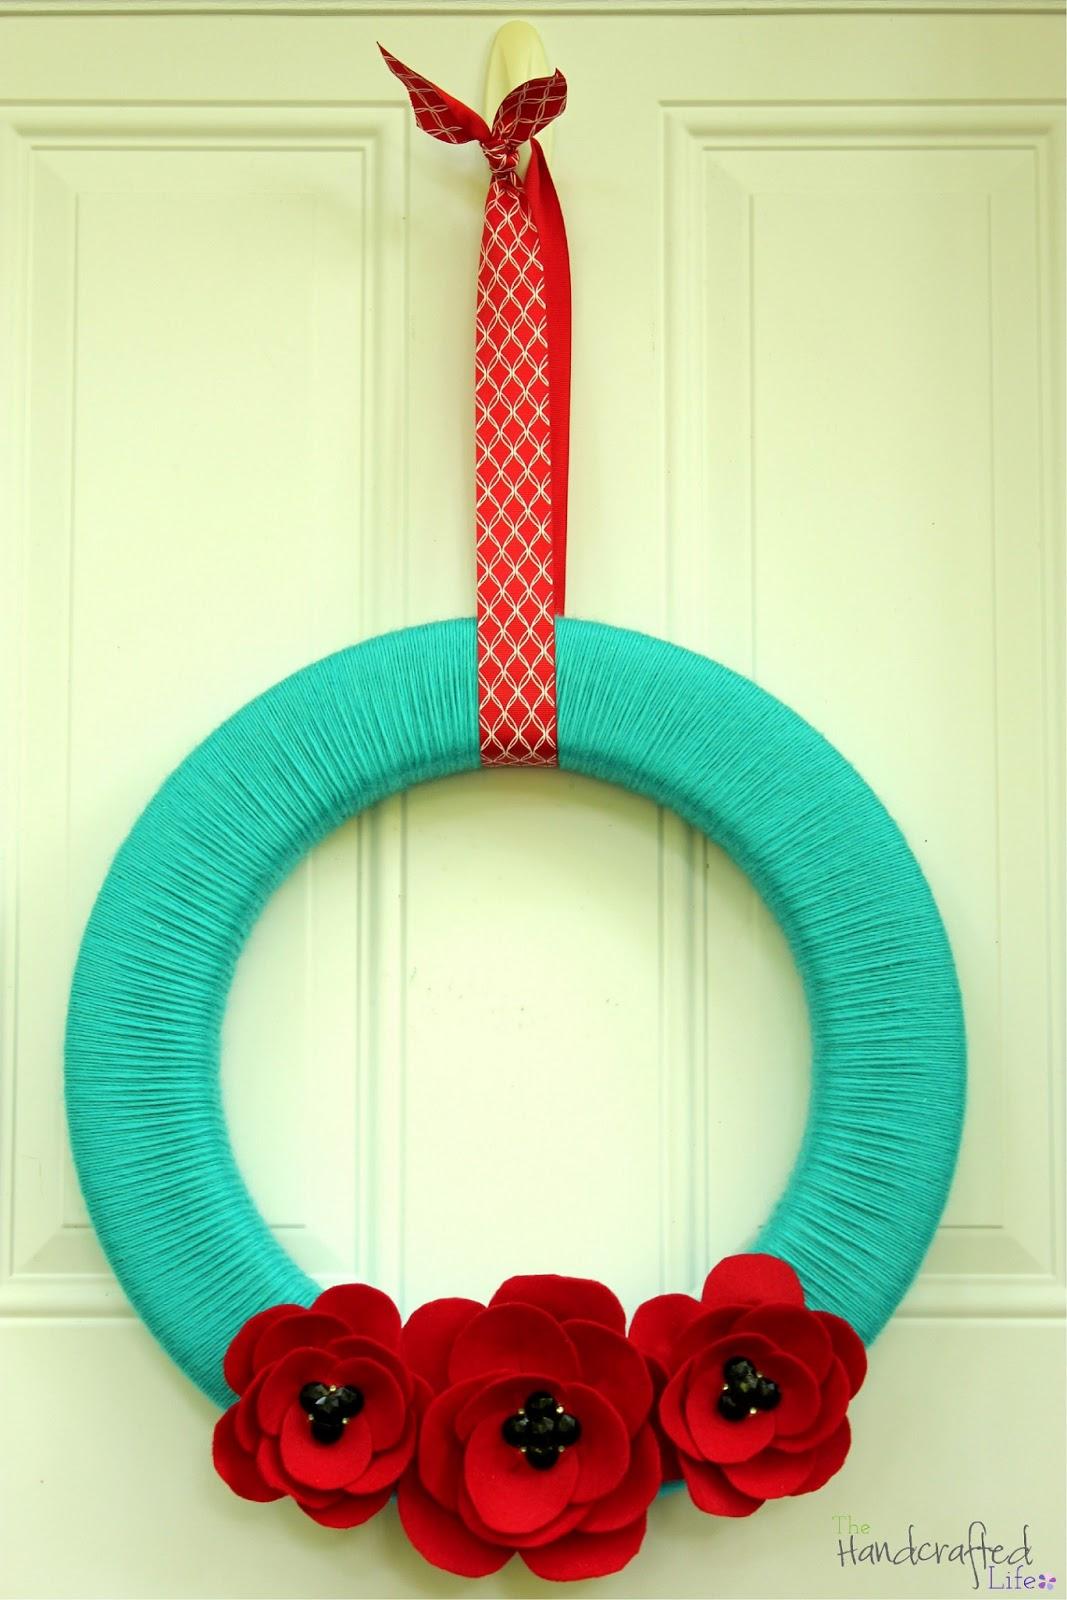 *The Handcrafted Life*: Summery Felt Poppy Yarn Wreath